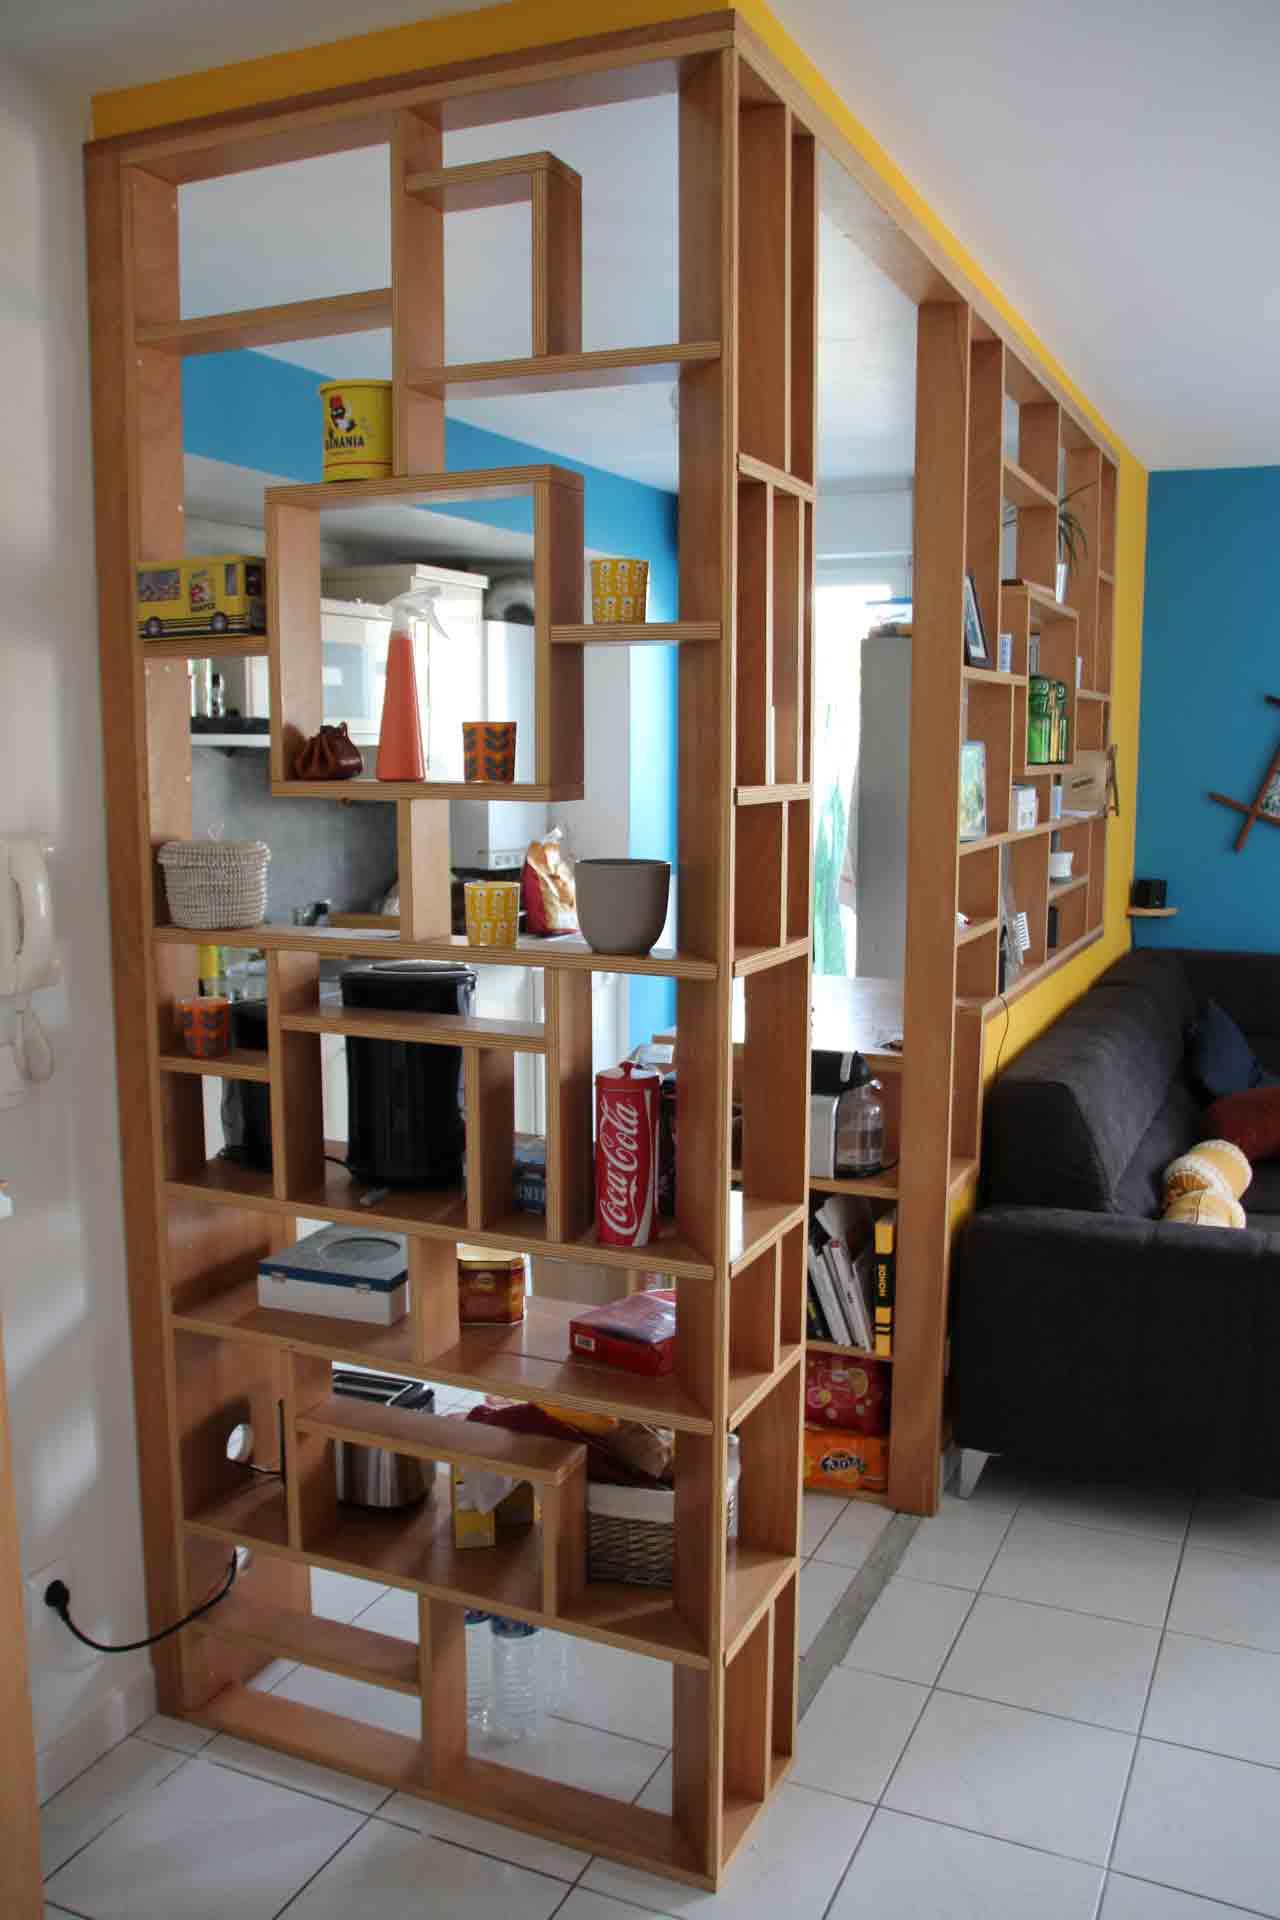 claustra interieur un claustra est un type de clture que luon retrouve en intrieur comme lment. Black Bedroom Furniture Sets. Home Design Ideas